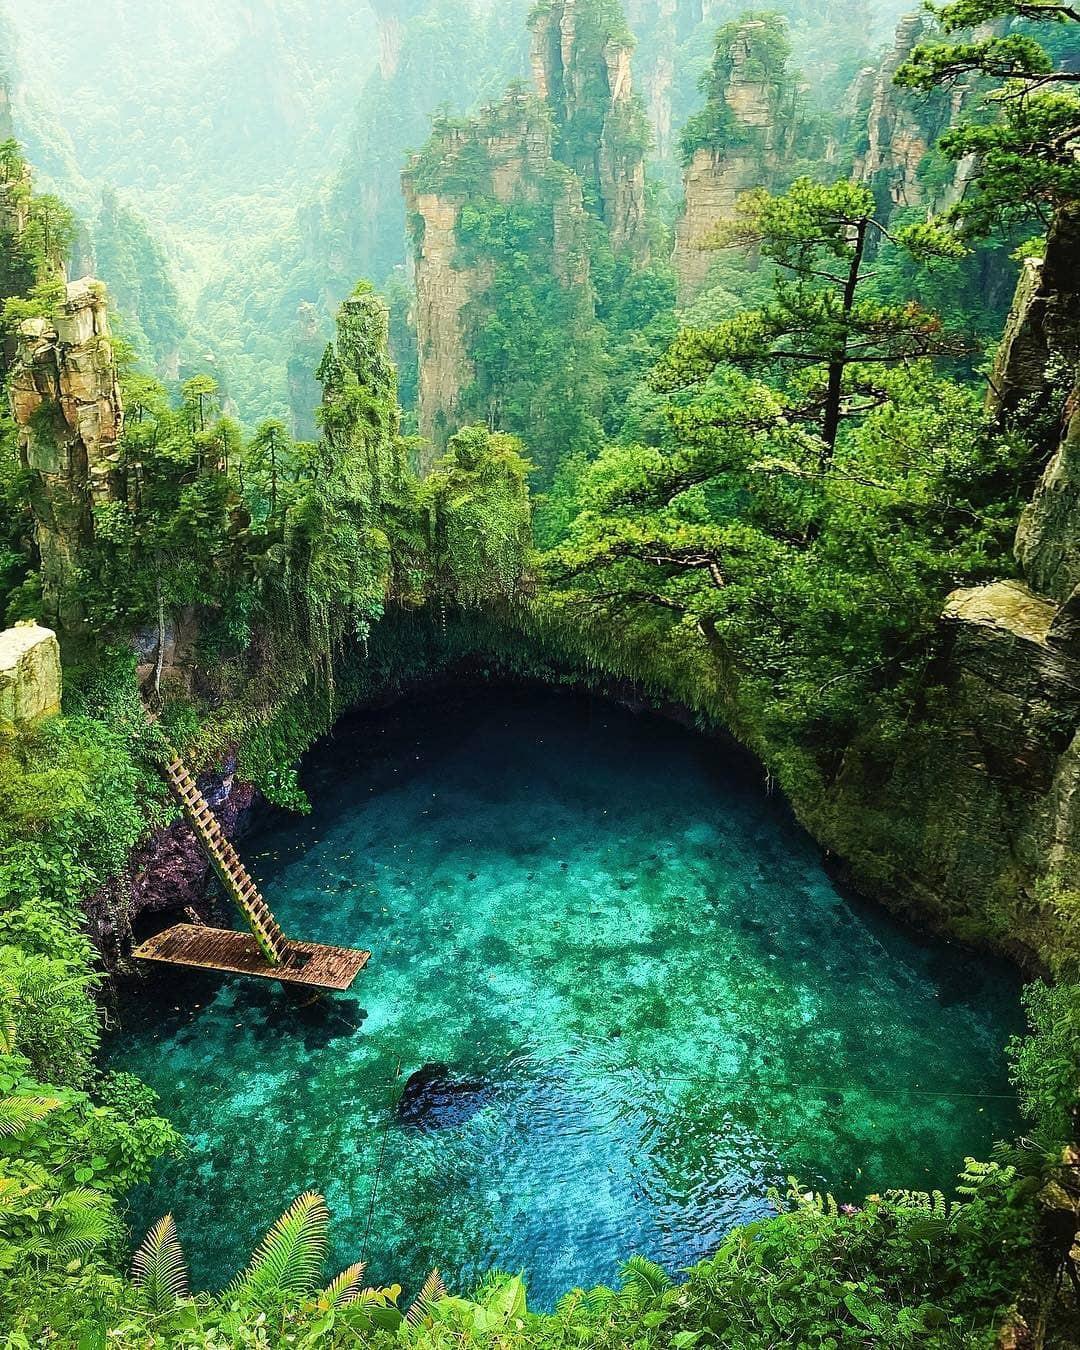 VZN News: Hồ bơi tự nhiên đẹp nhất thế giới nằm ở quốc gia ít người biết nhưng ai đã đến một lần thì đảm bảo mê cả đời! - Ảnh 1.